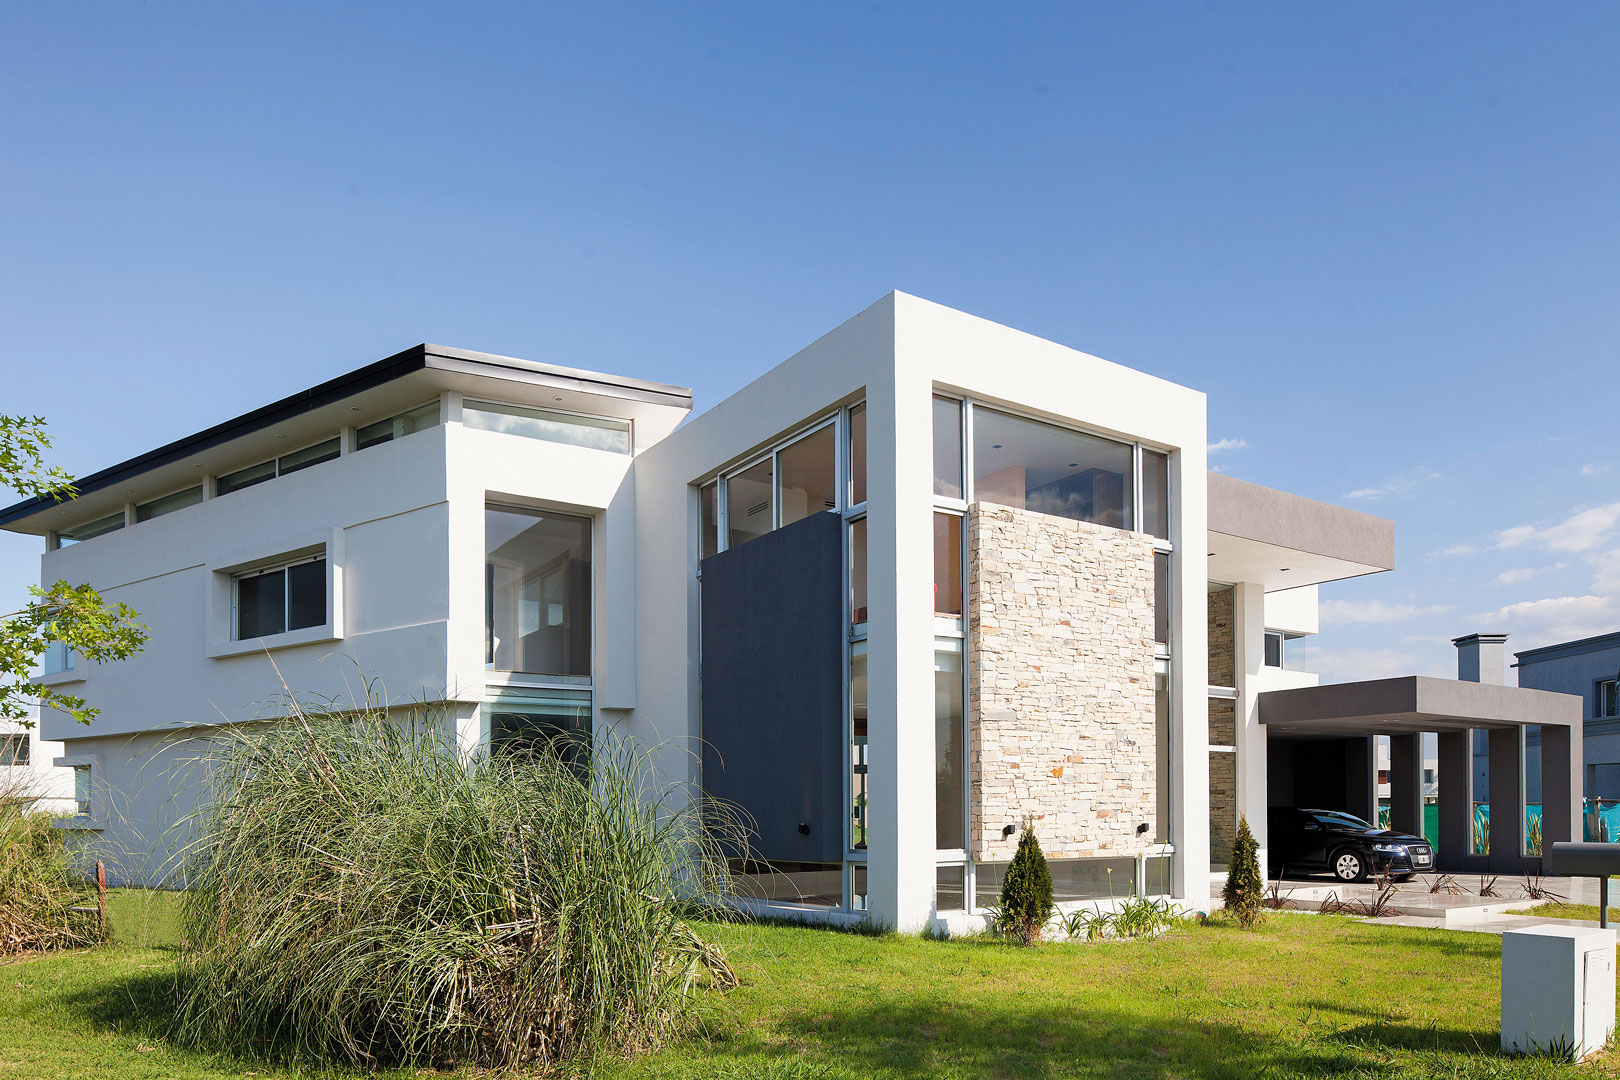 Estudio a r arquitectos casa js moderna portal de - Estudio 3 arquitectos ...